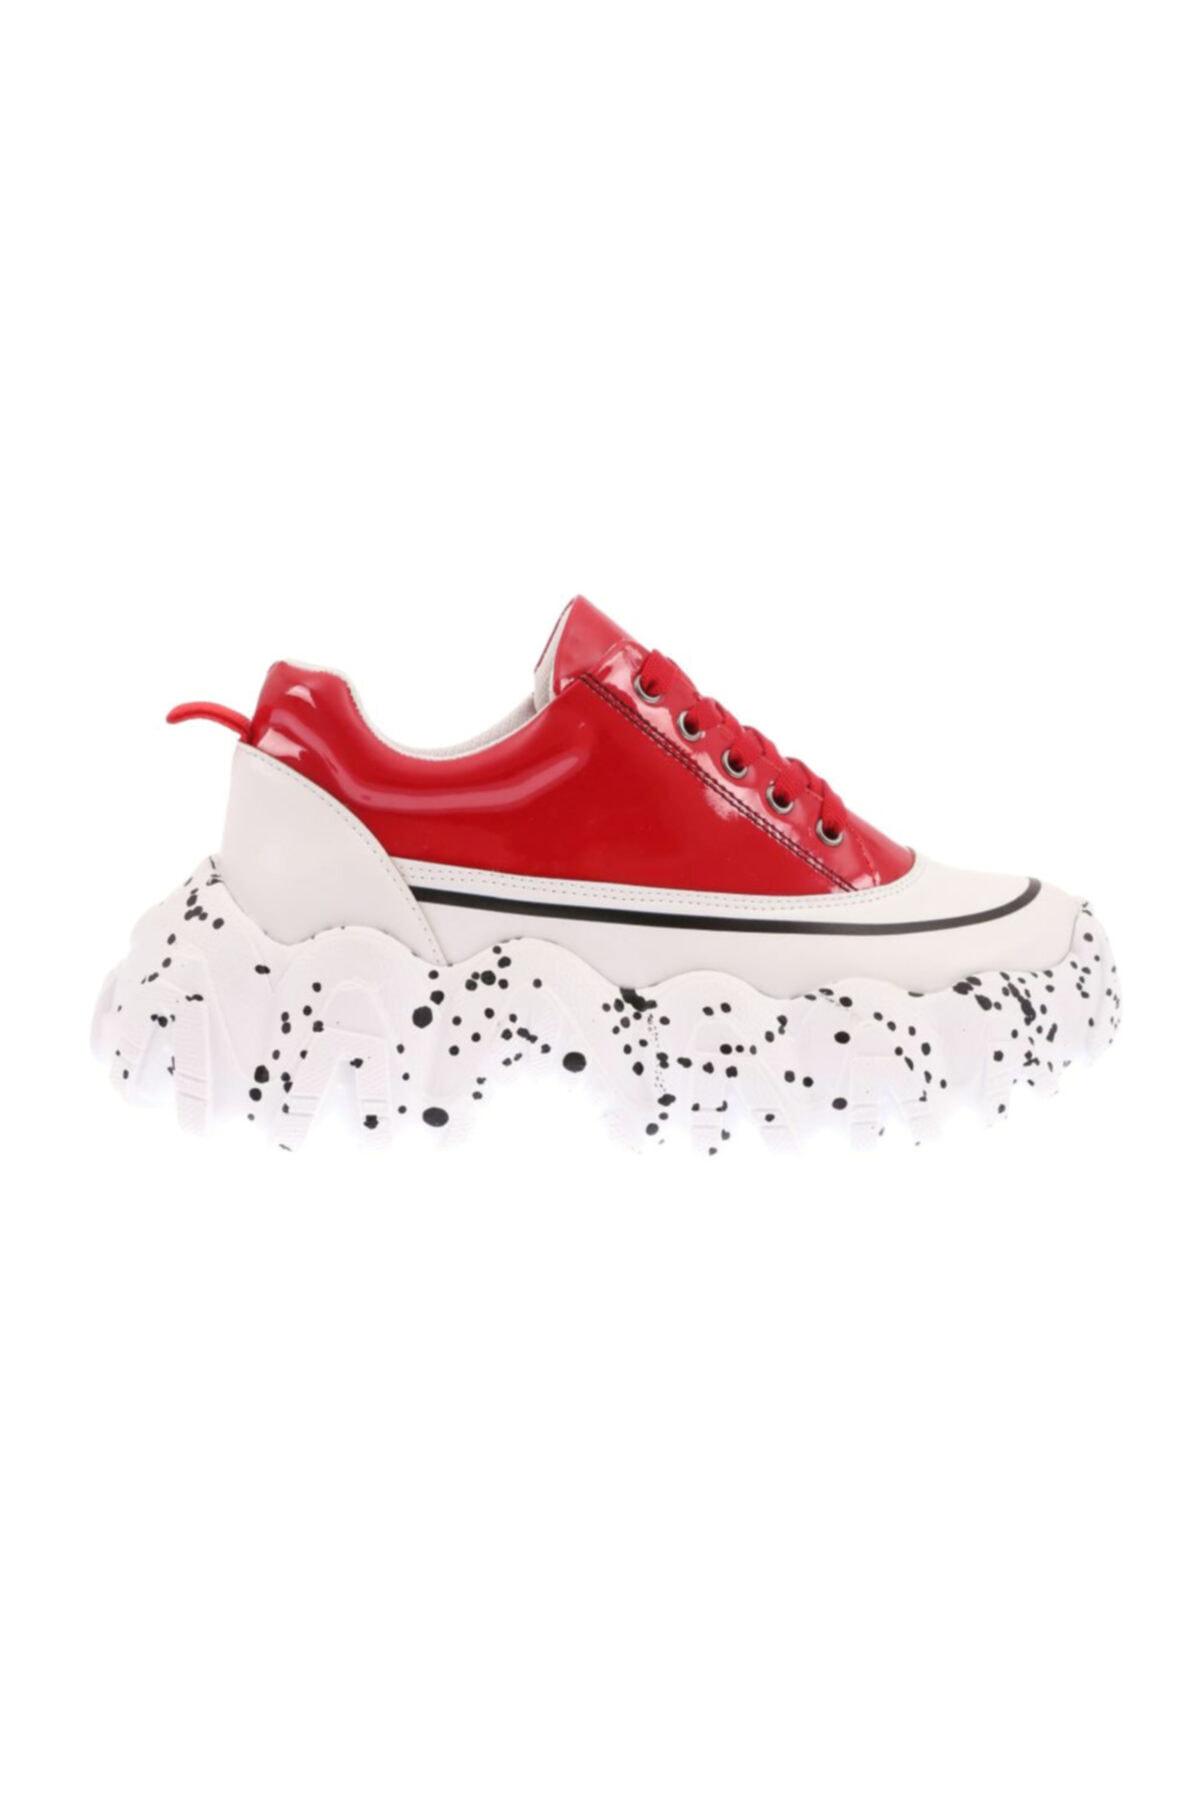 DGN H50 Kadın Mega Kalın Taban Sneakers Spor Ayakkabı 20k